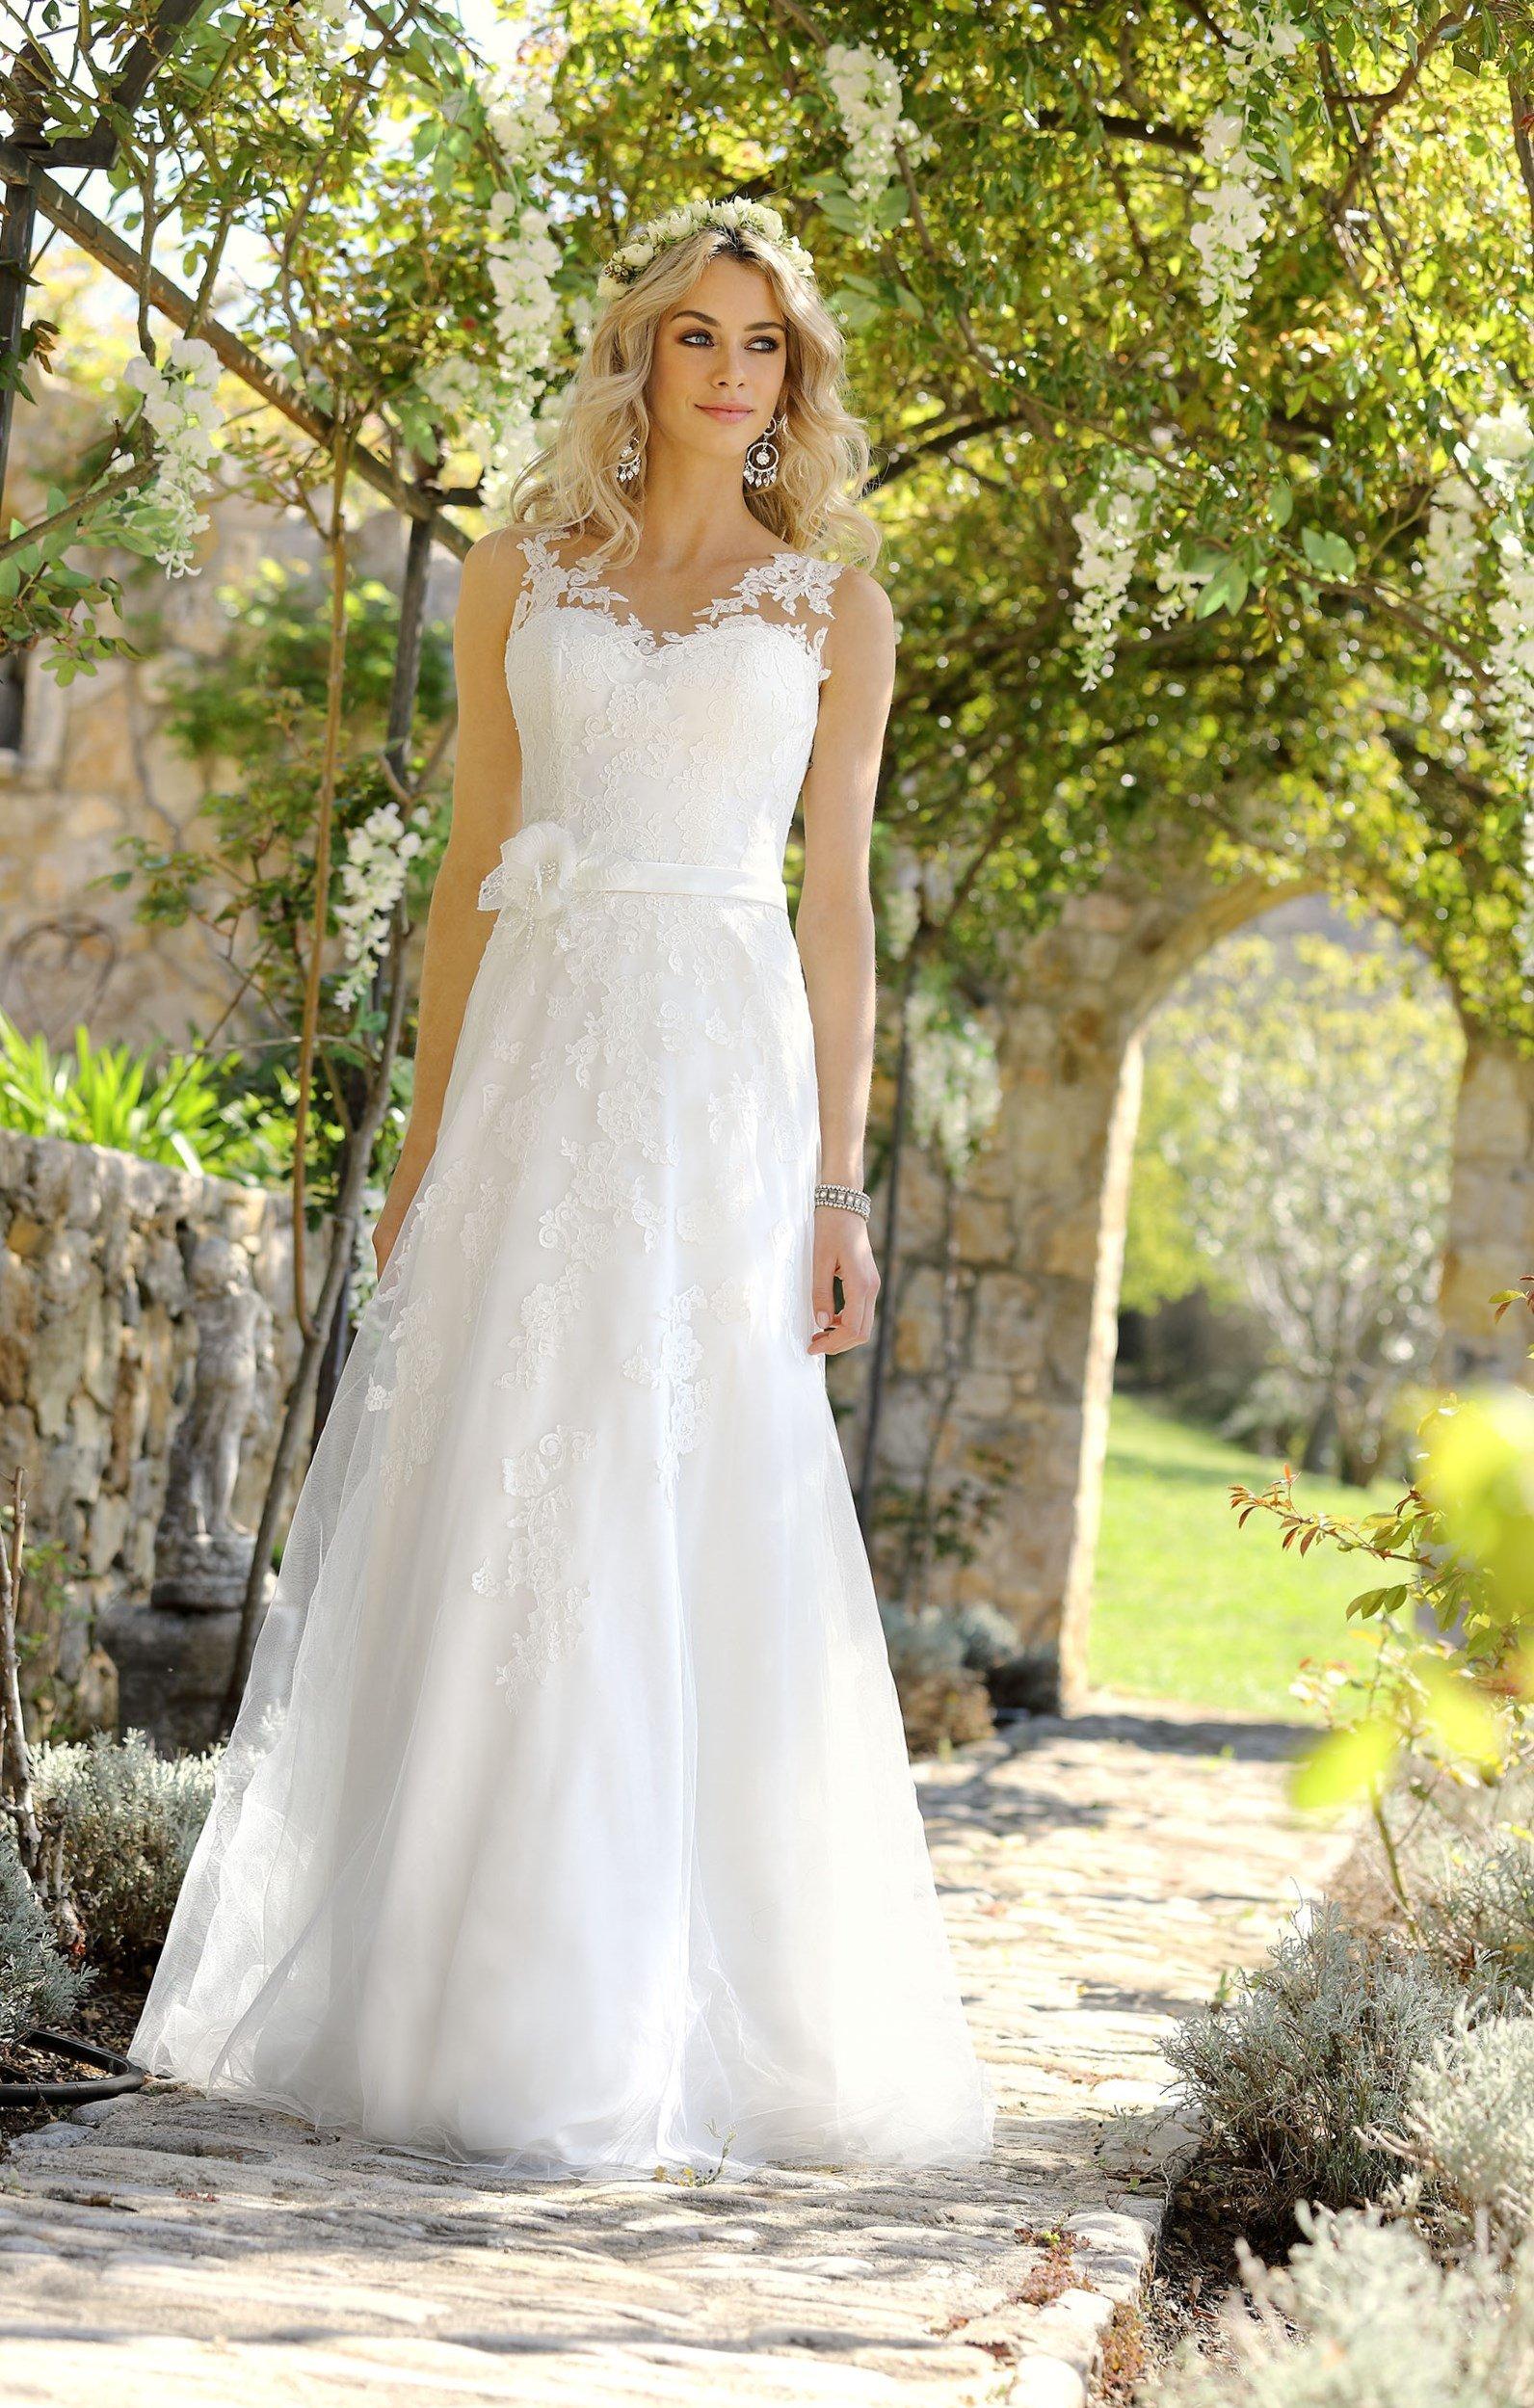 Nett Cowboystiefel Hochzeitskleid Fotos - Hochzeit Kleid Stile Ideen ...